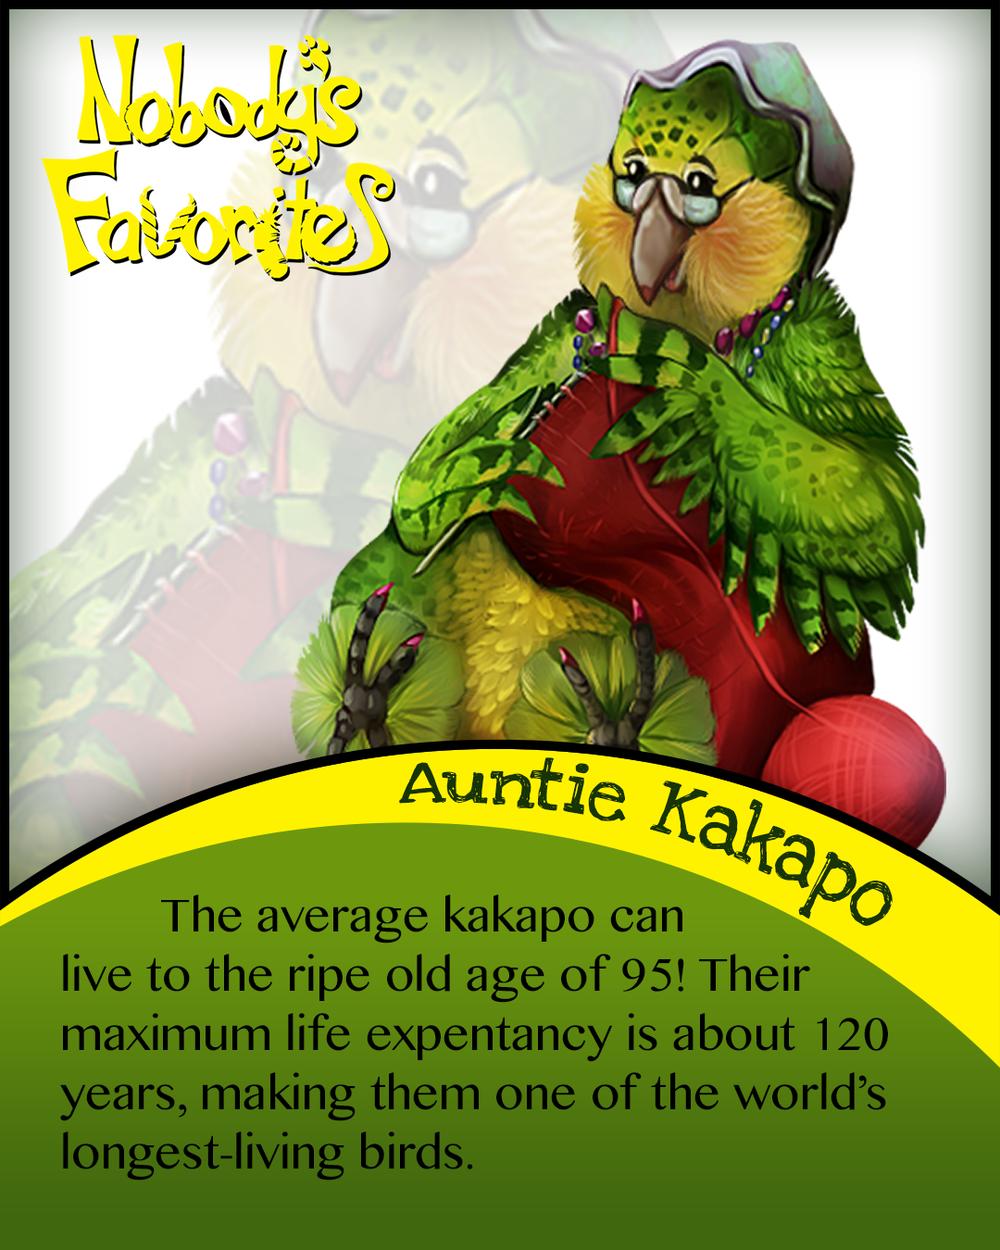 Auntie Kakapo Fact 2